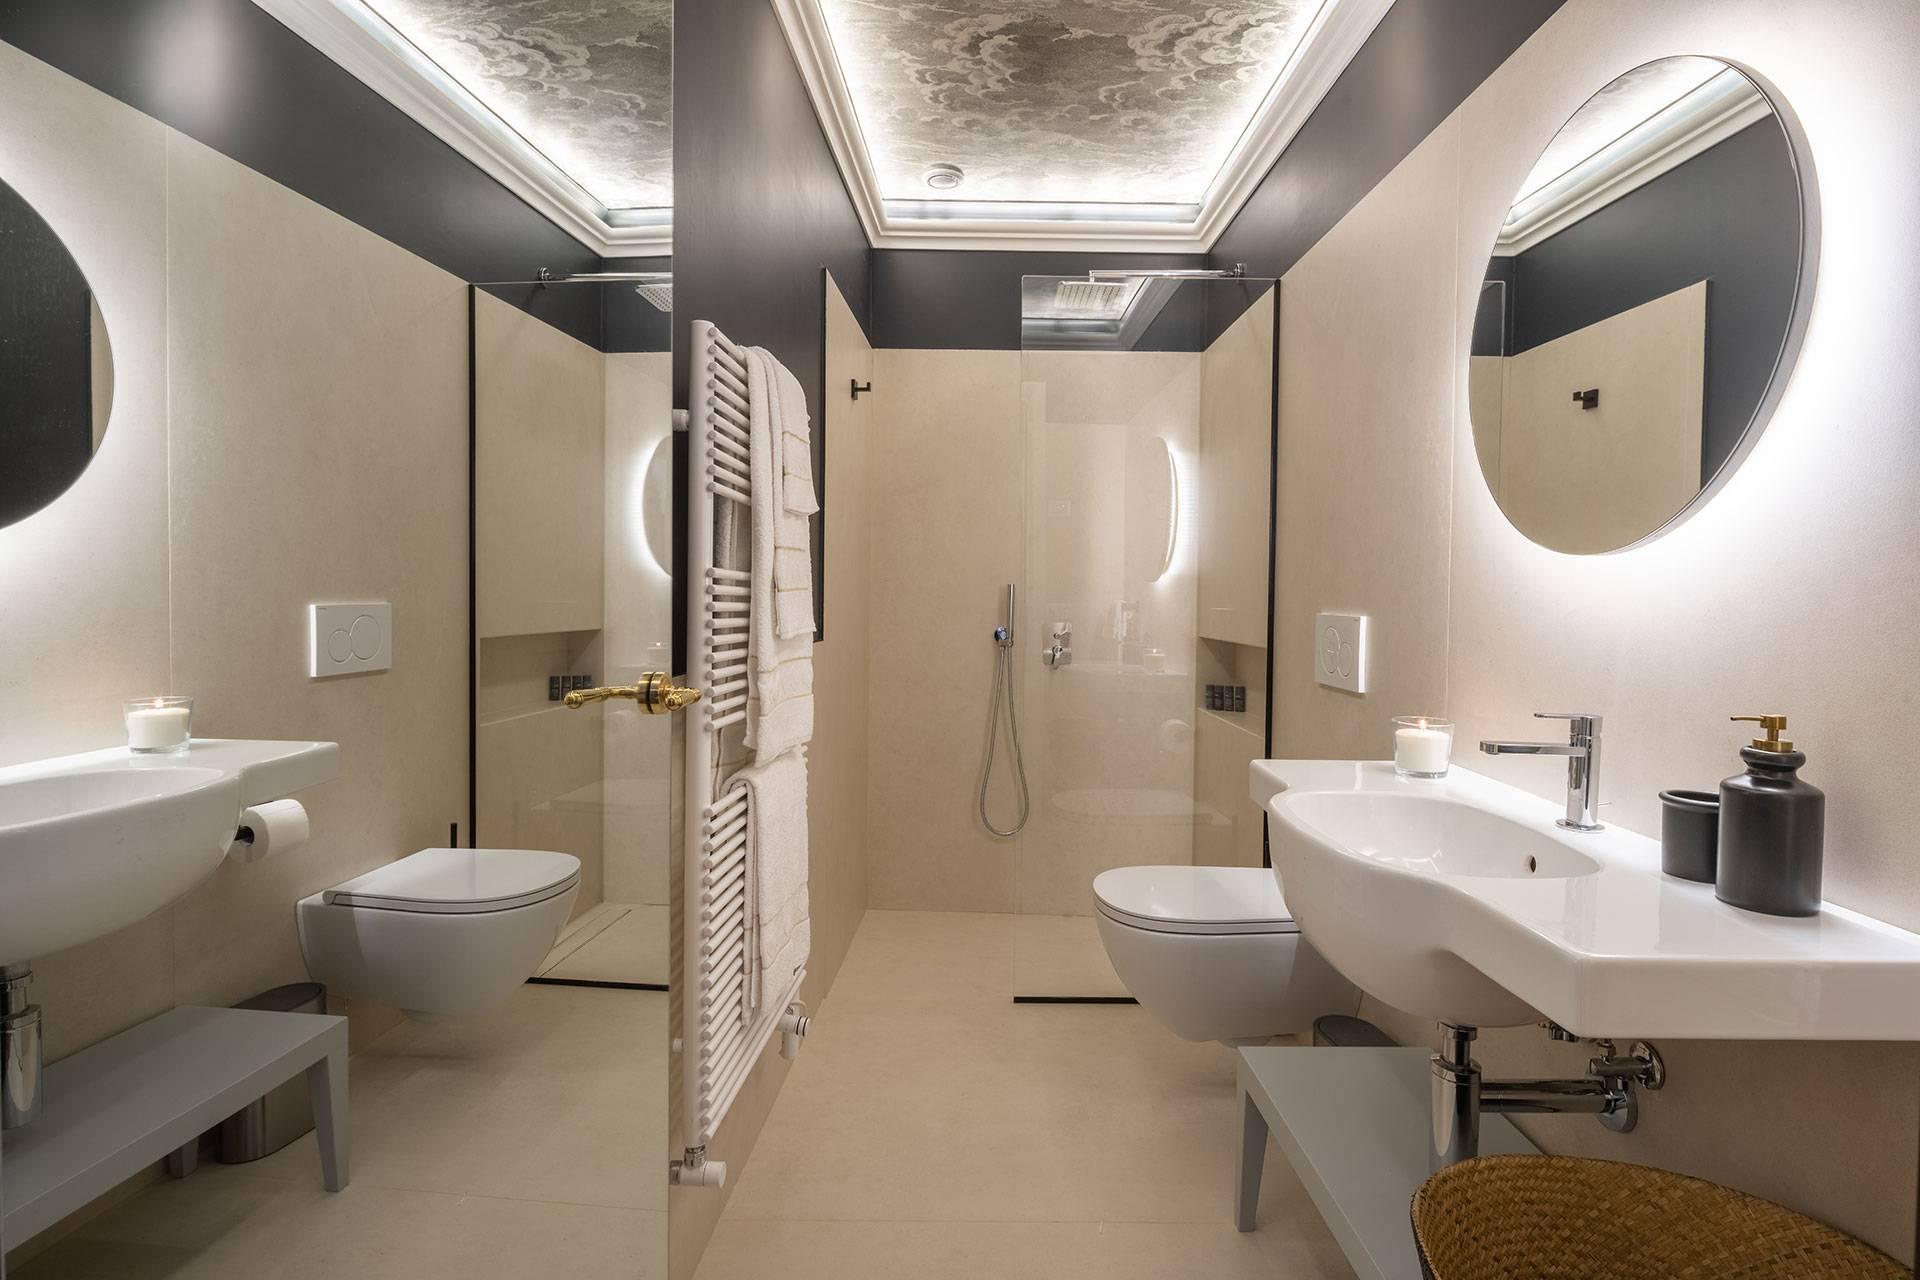 3rd floor: 1st bathroom